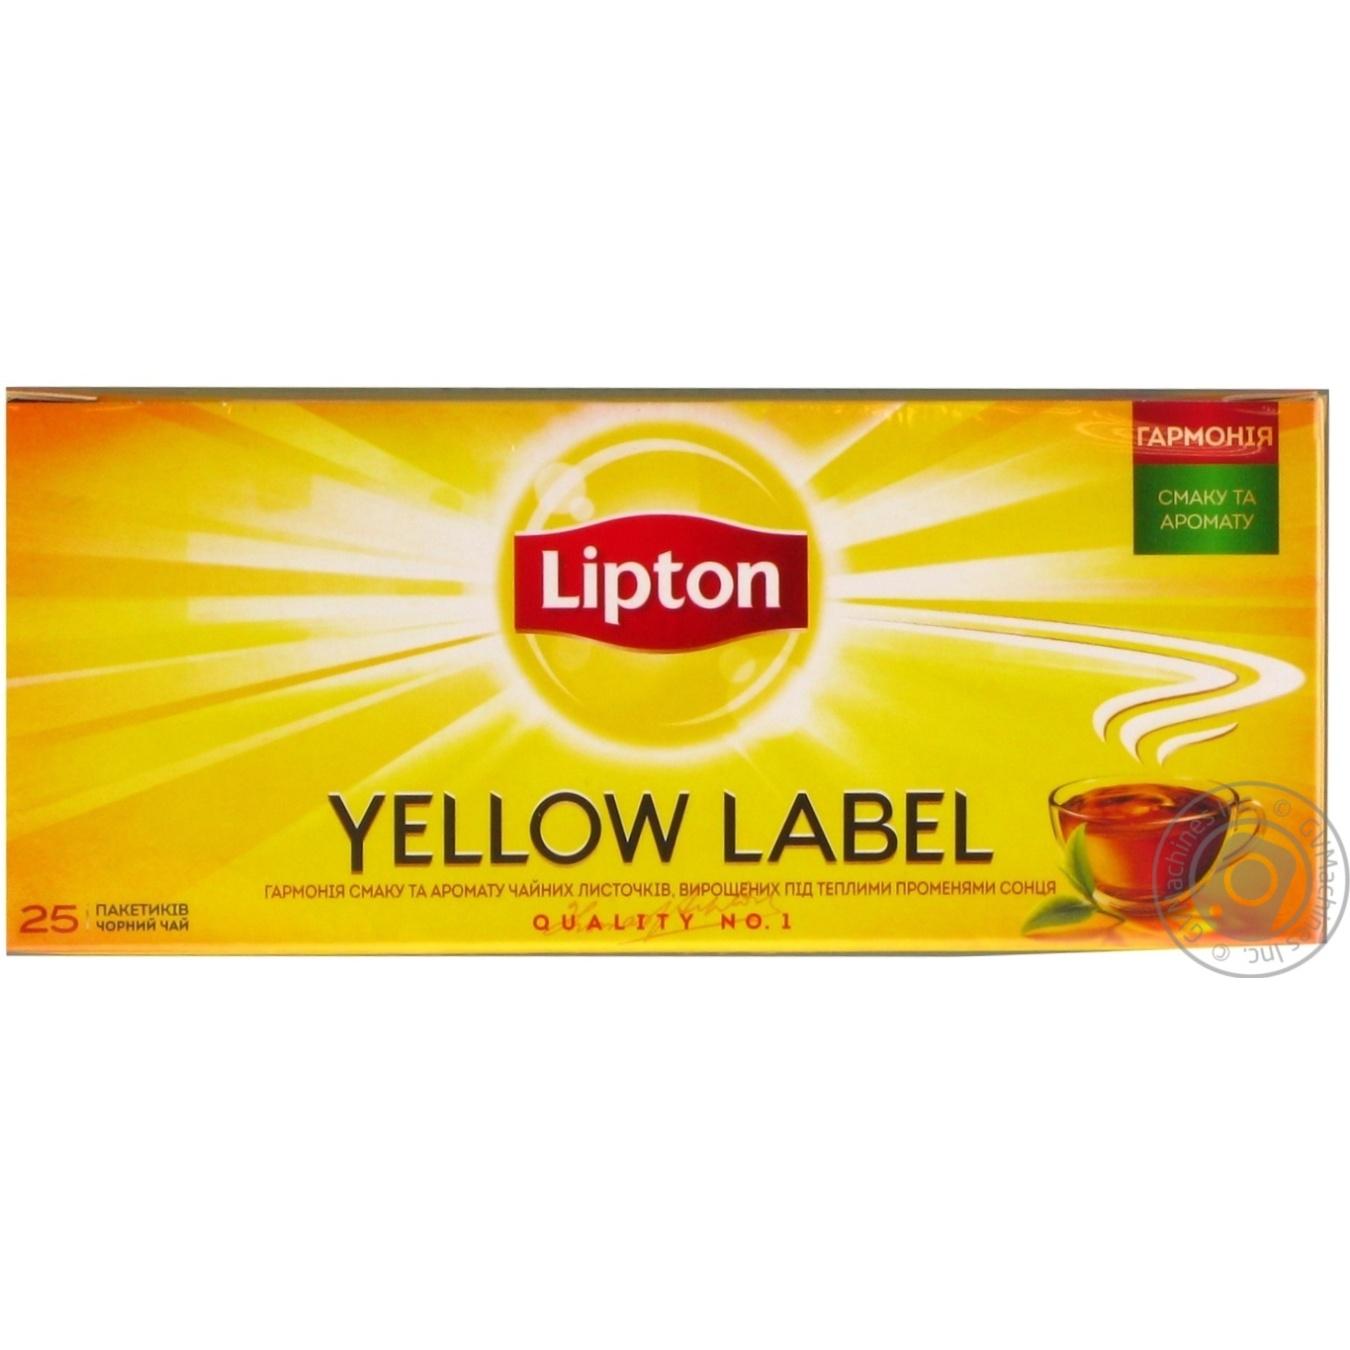 Купить Чай чорний Lipton Yellow Label в пакетиках 25шт×2г